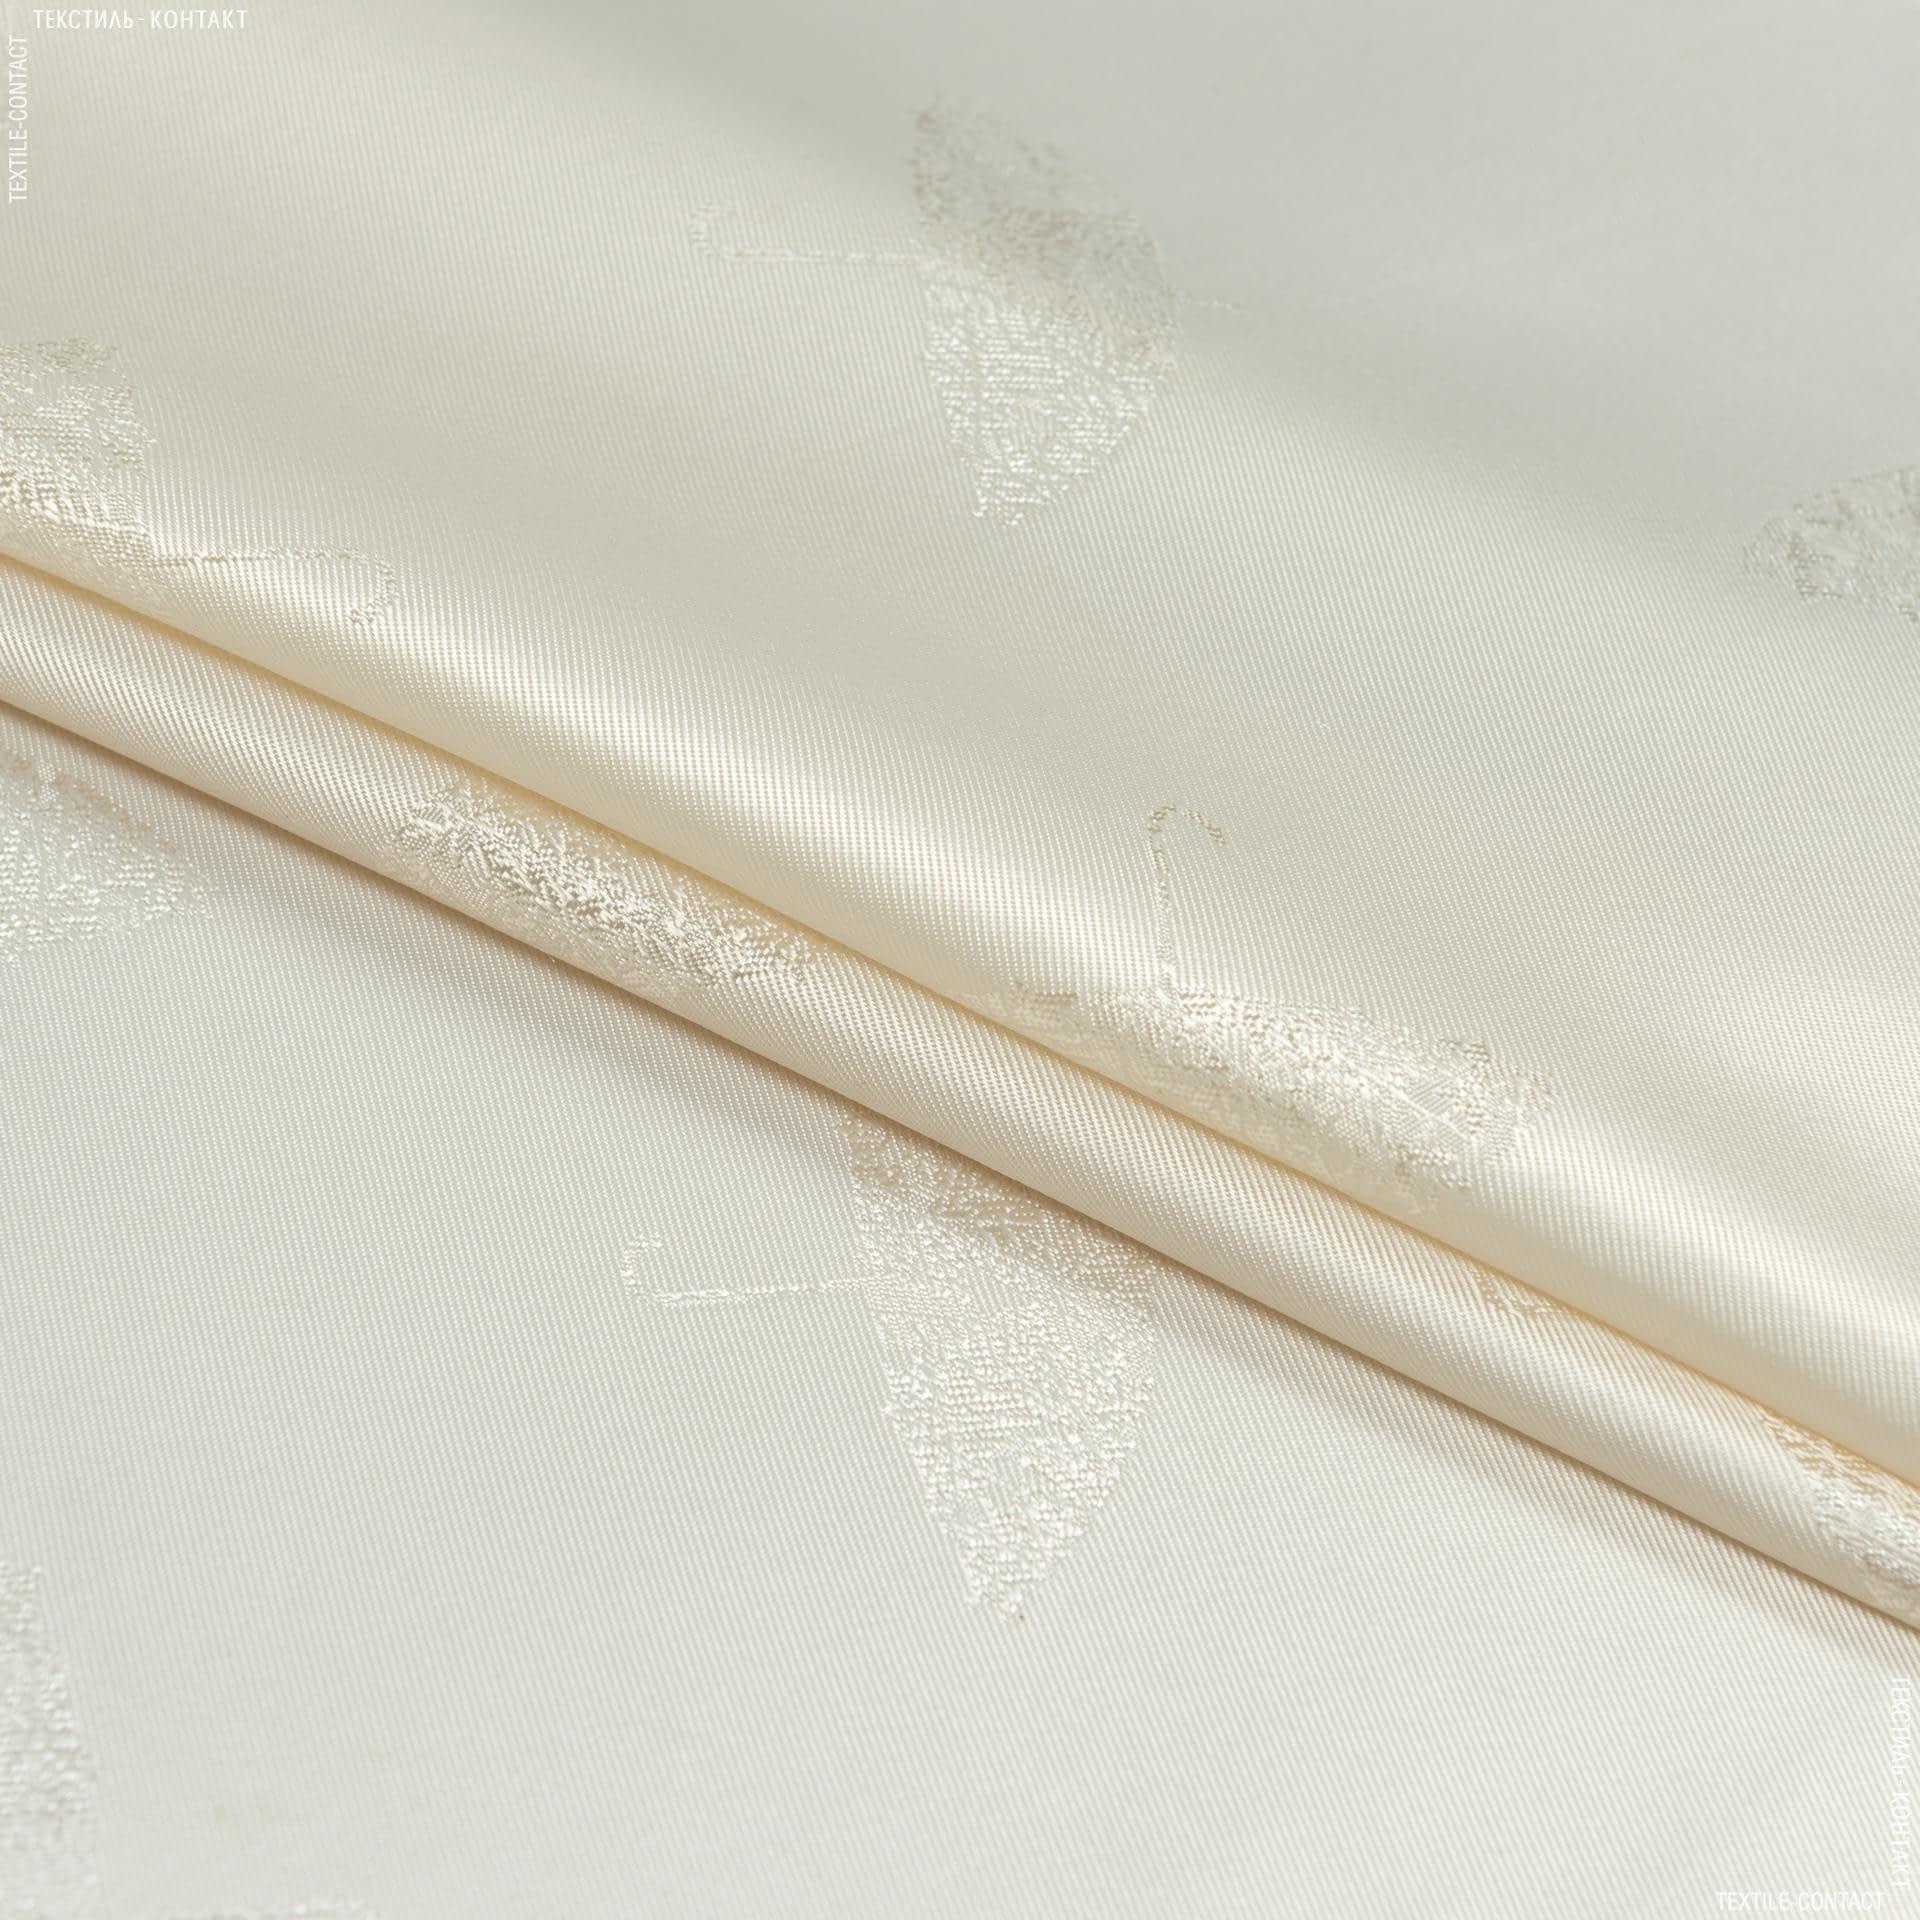 Тканини підкладкова тканина - Підкладковий жакард молочний